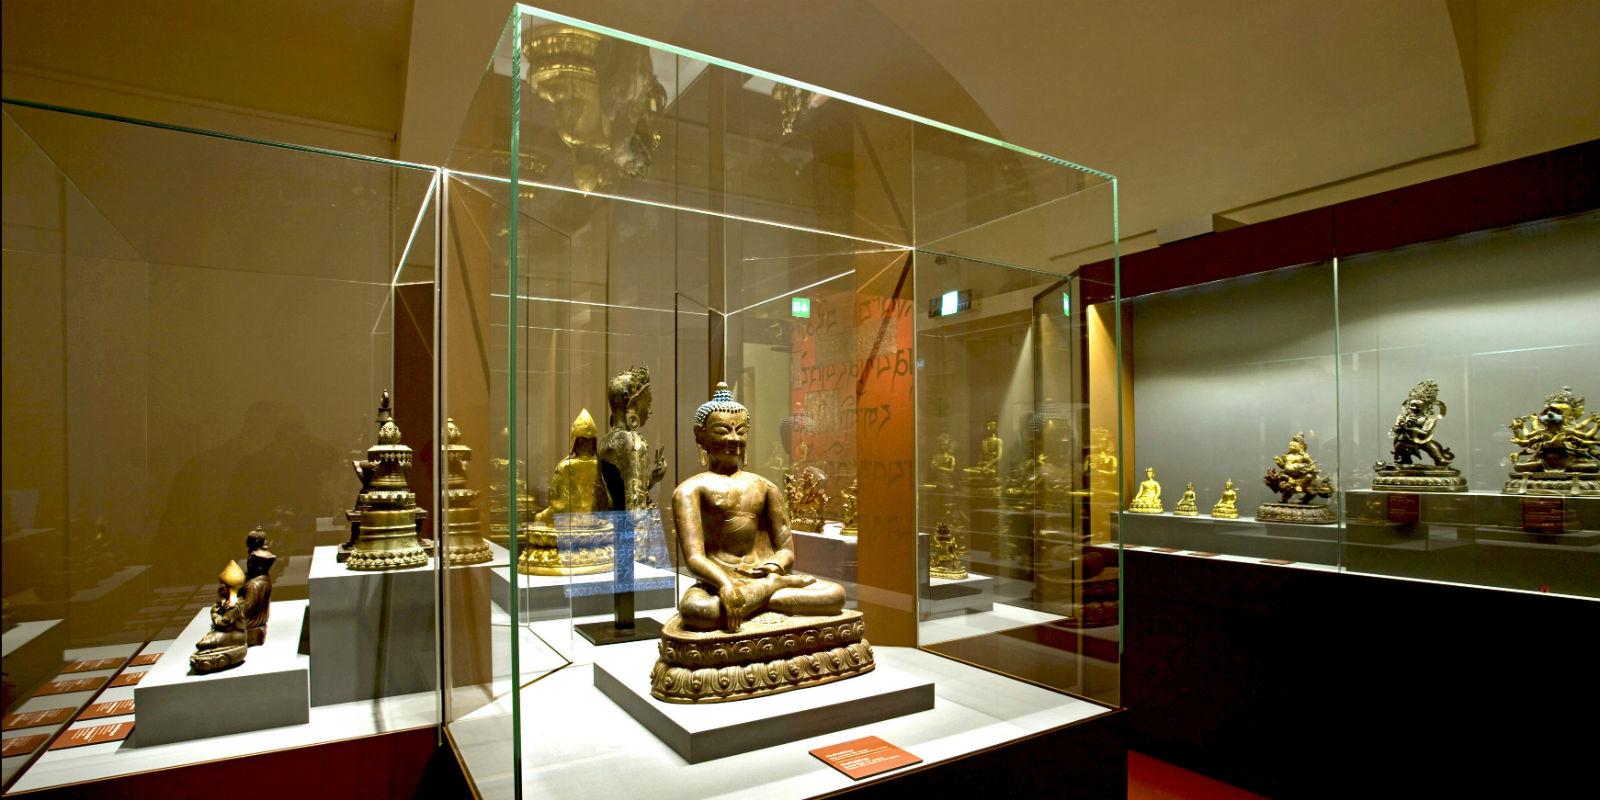 Museo d 39 arte orientale torino archi media - Arte bagno veneta quarto d altino ...